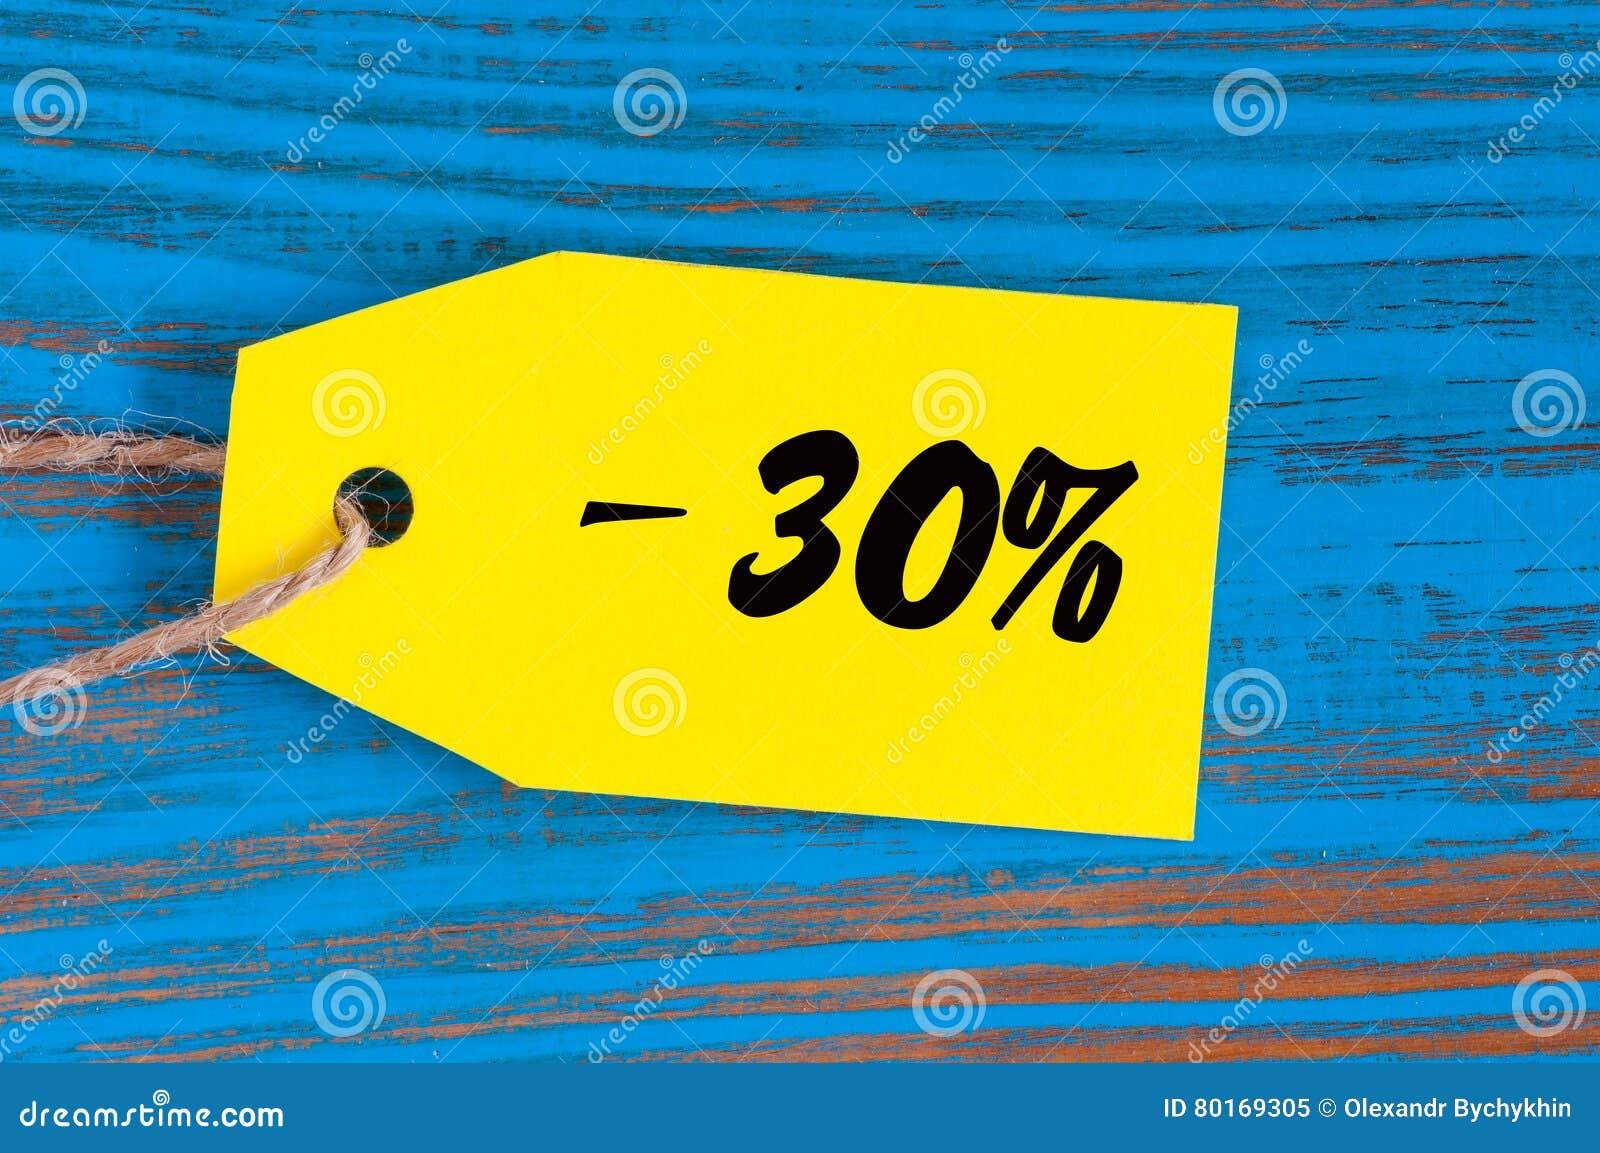 Πώληση μείον 30 τοις εκατό Μεγάλες πωλήσεις τριάντα percents στο μπλε ξύλινο υπόβαθρο για το ιπτάμενο, αφίσα, αγορές, σημάδι, έκπ